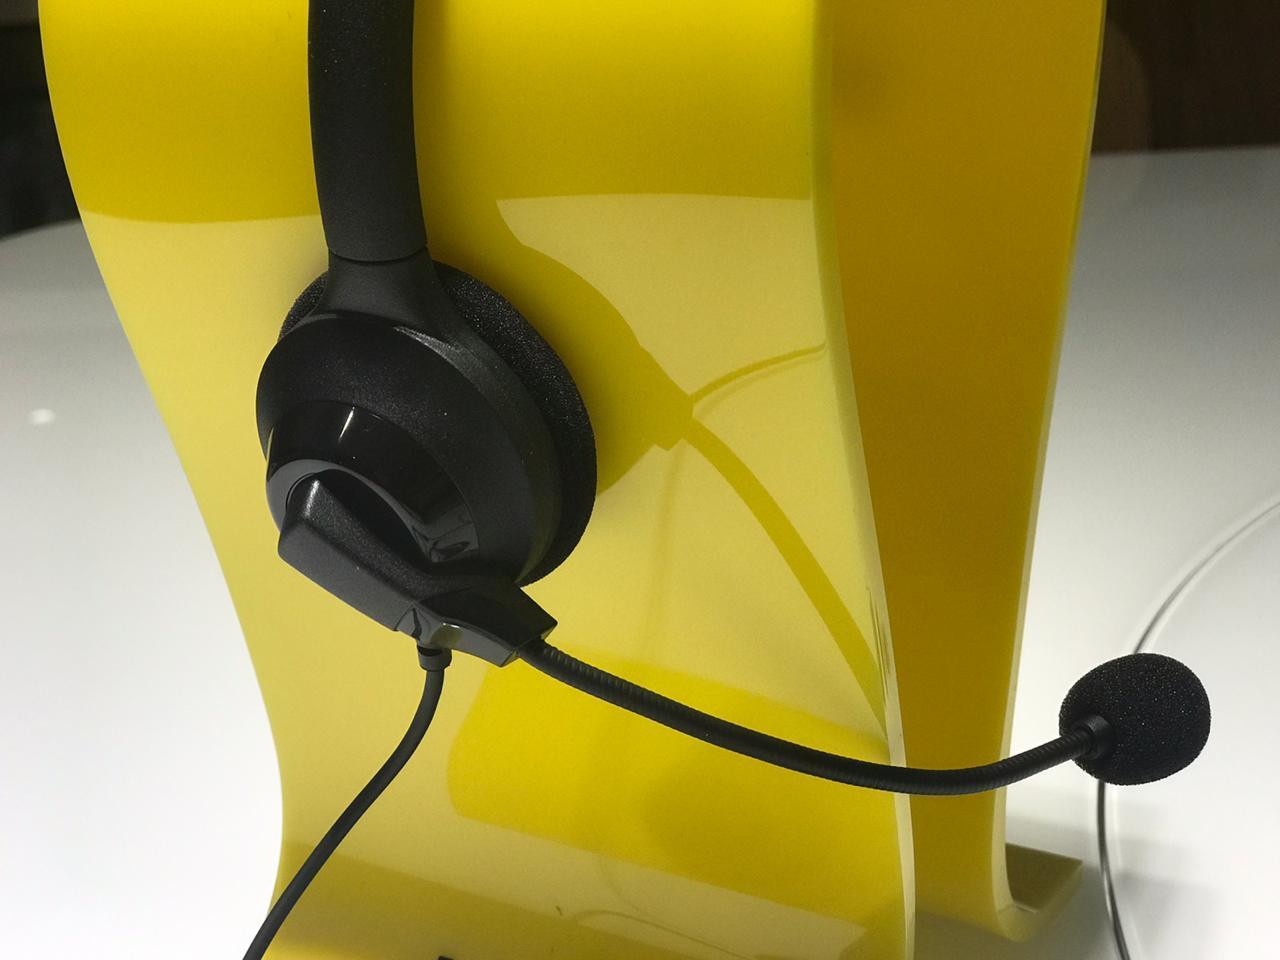 Headset Mono auricular Jabra Ninja conexão QD + Cabo USB com controle de volume e mute